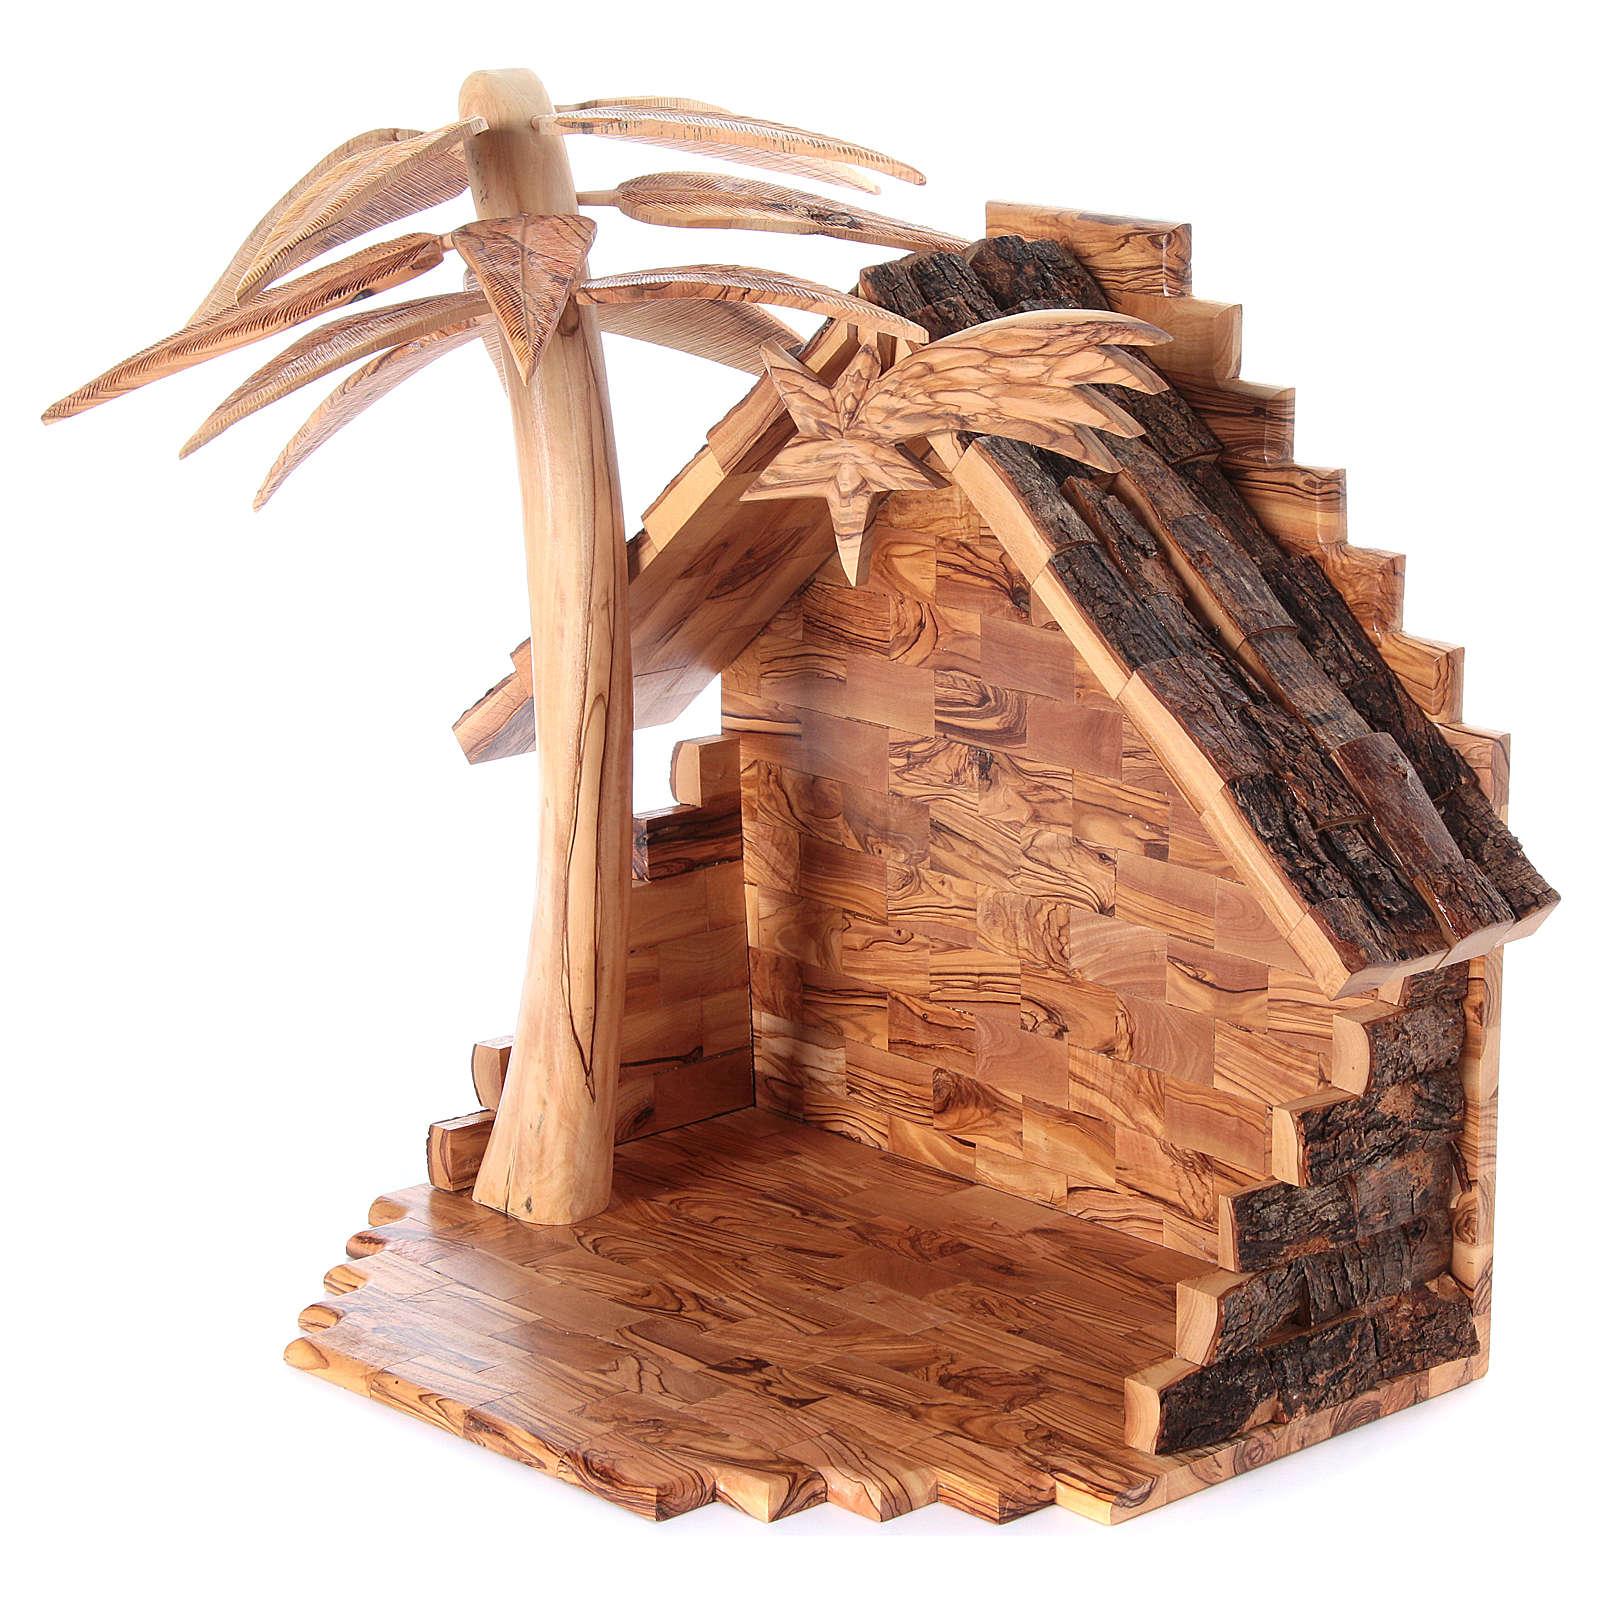 Szopka komplet ze stajenką 22 cm drewno oliwne Betlejem 4